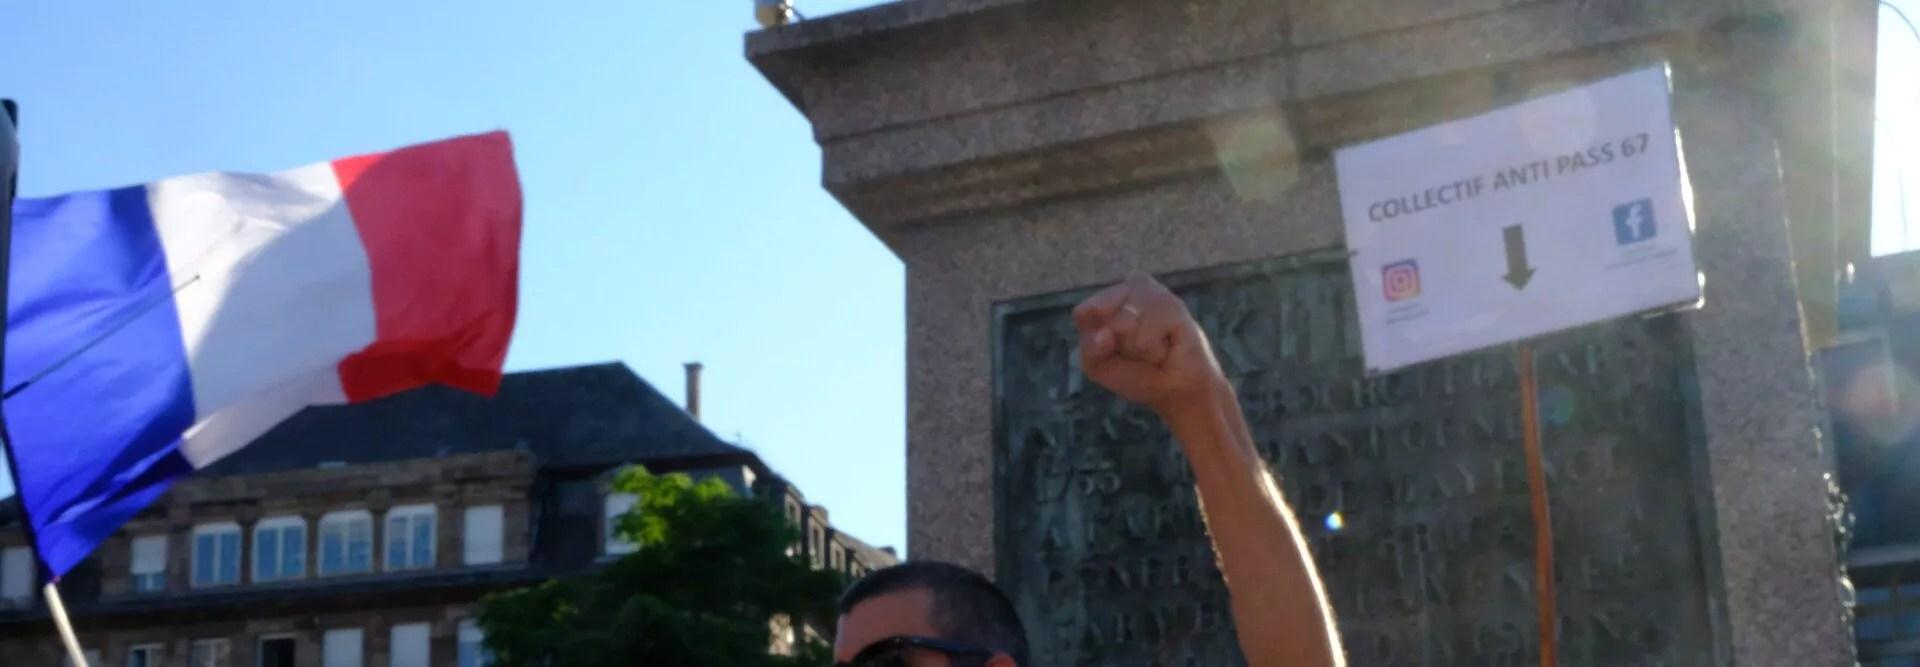 Deux rassemblements et une manifestation en six jours contre le pass sanitaire